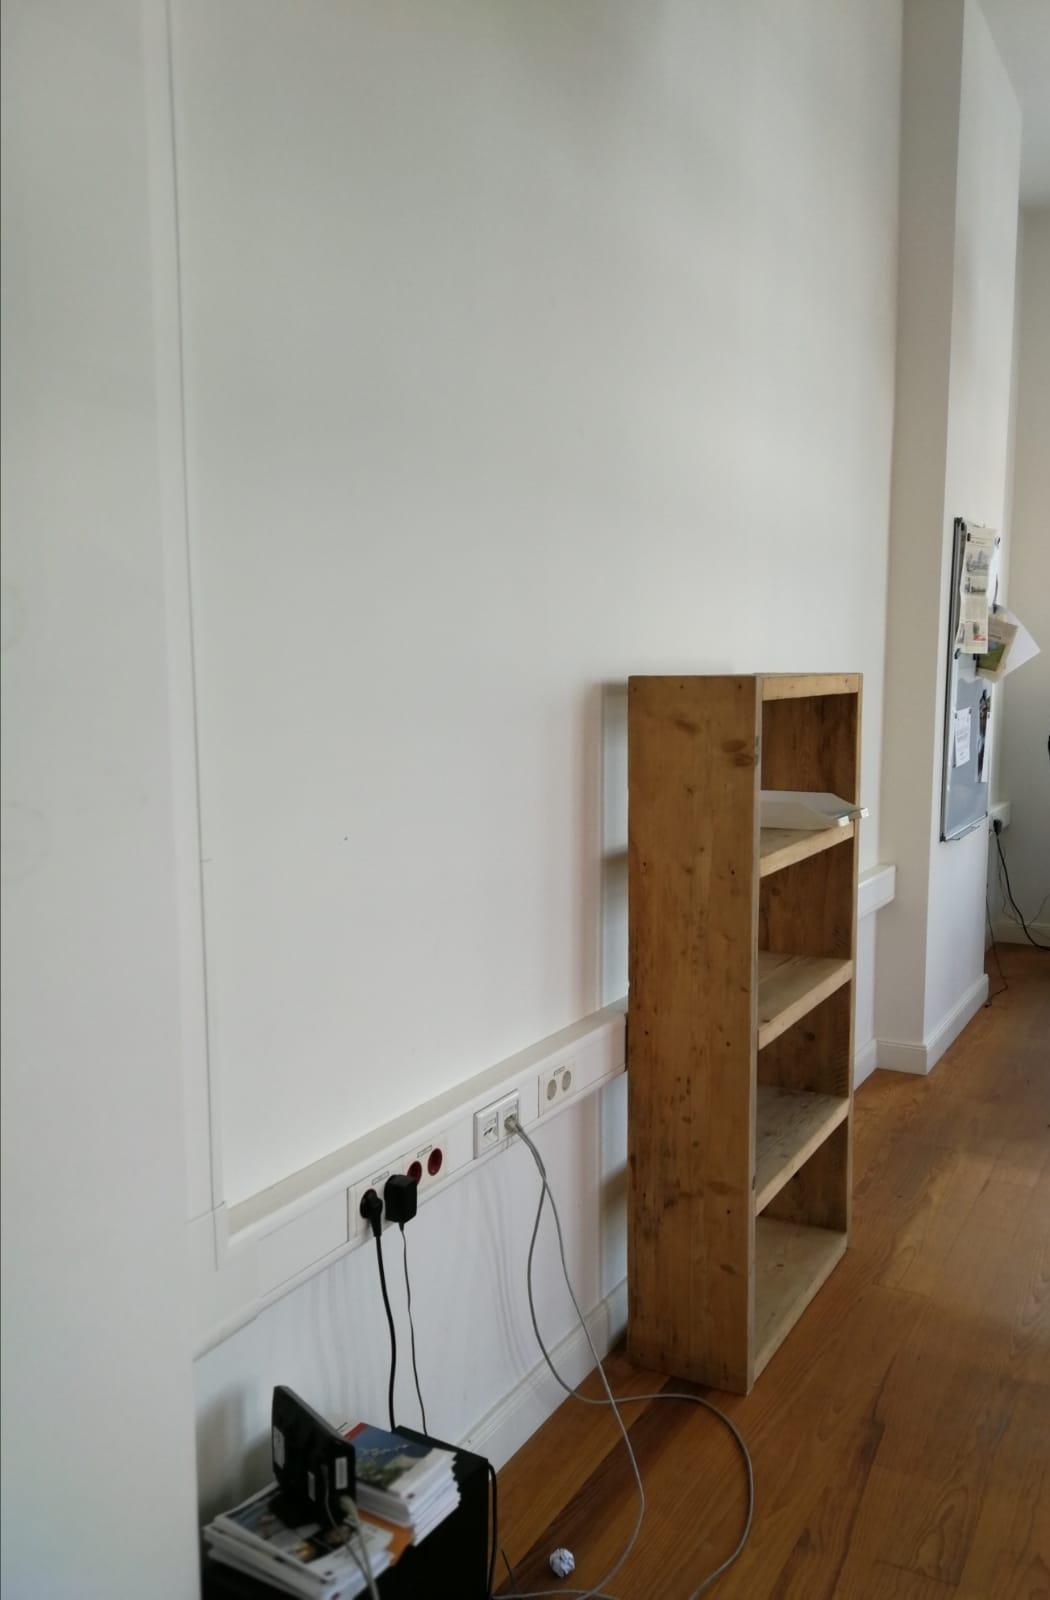 bürogestaltung-susanne-wienand-büro-neuplanung-einrichtungbüro-hamburg